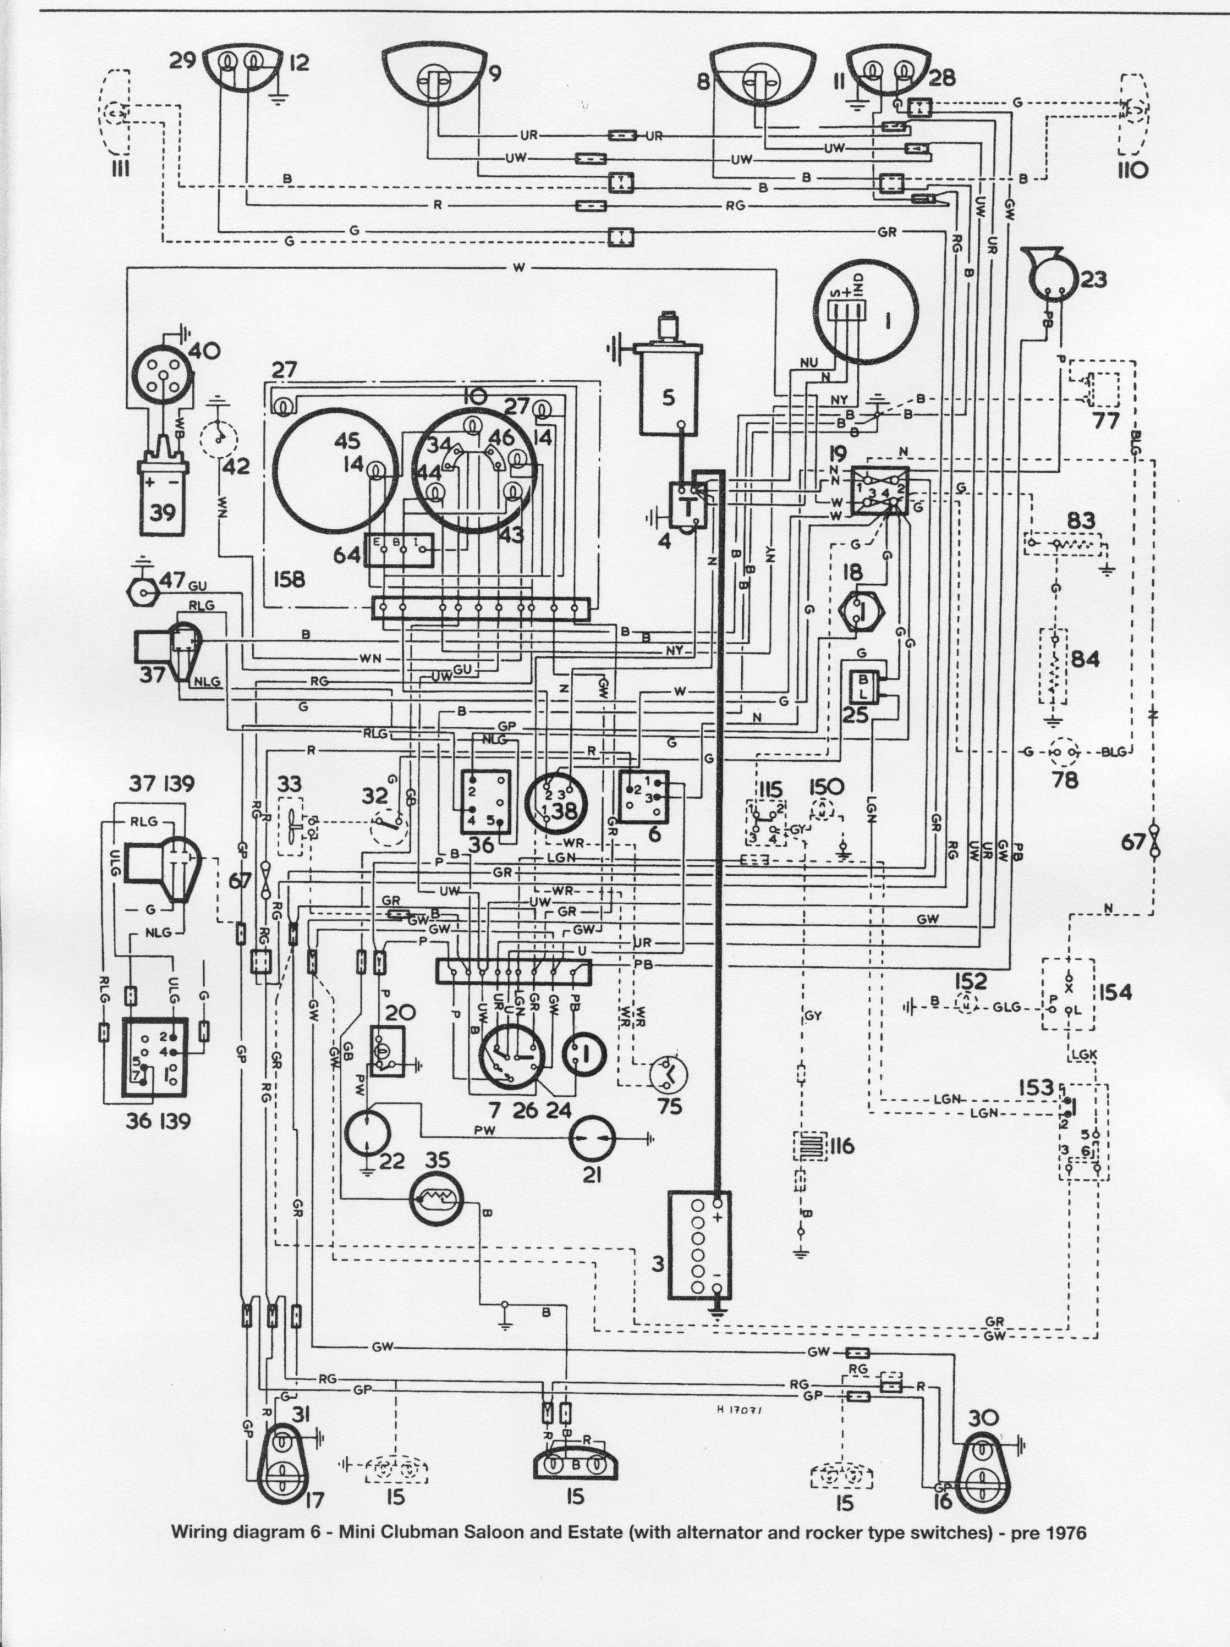 Classic Mini Wiring Diagram Pdf Diagrams Bathroom Schematic Rover Anything U2022 Rh Optionfire Co 1999 Club Car 48v Electric Golf Cart